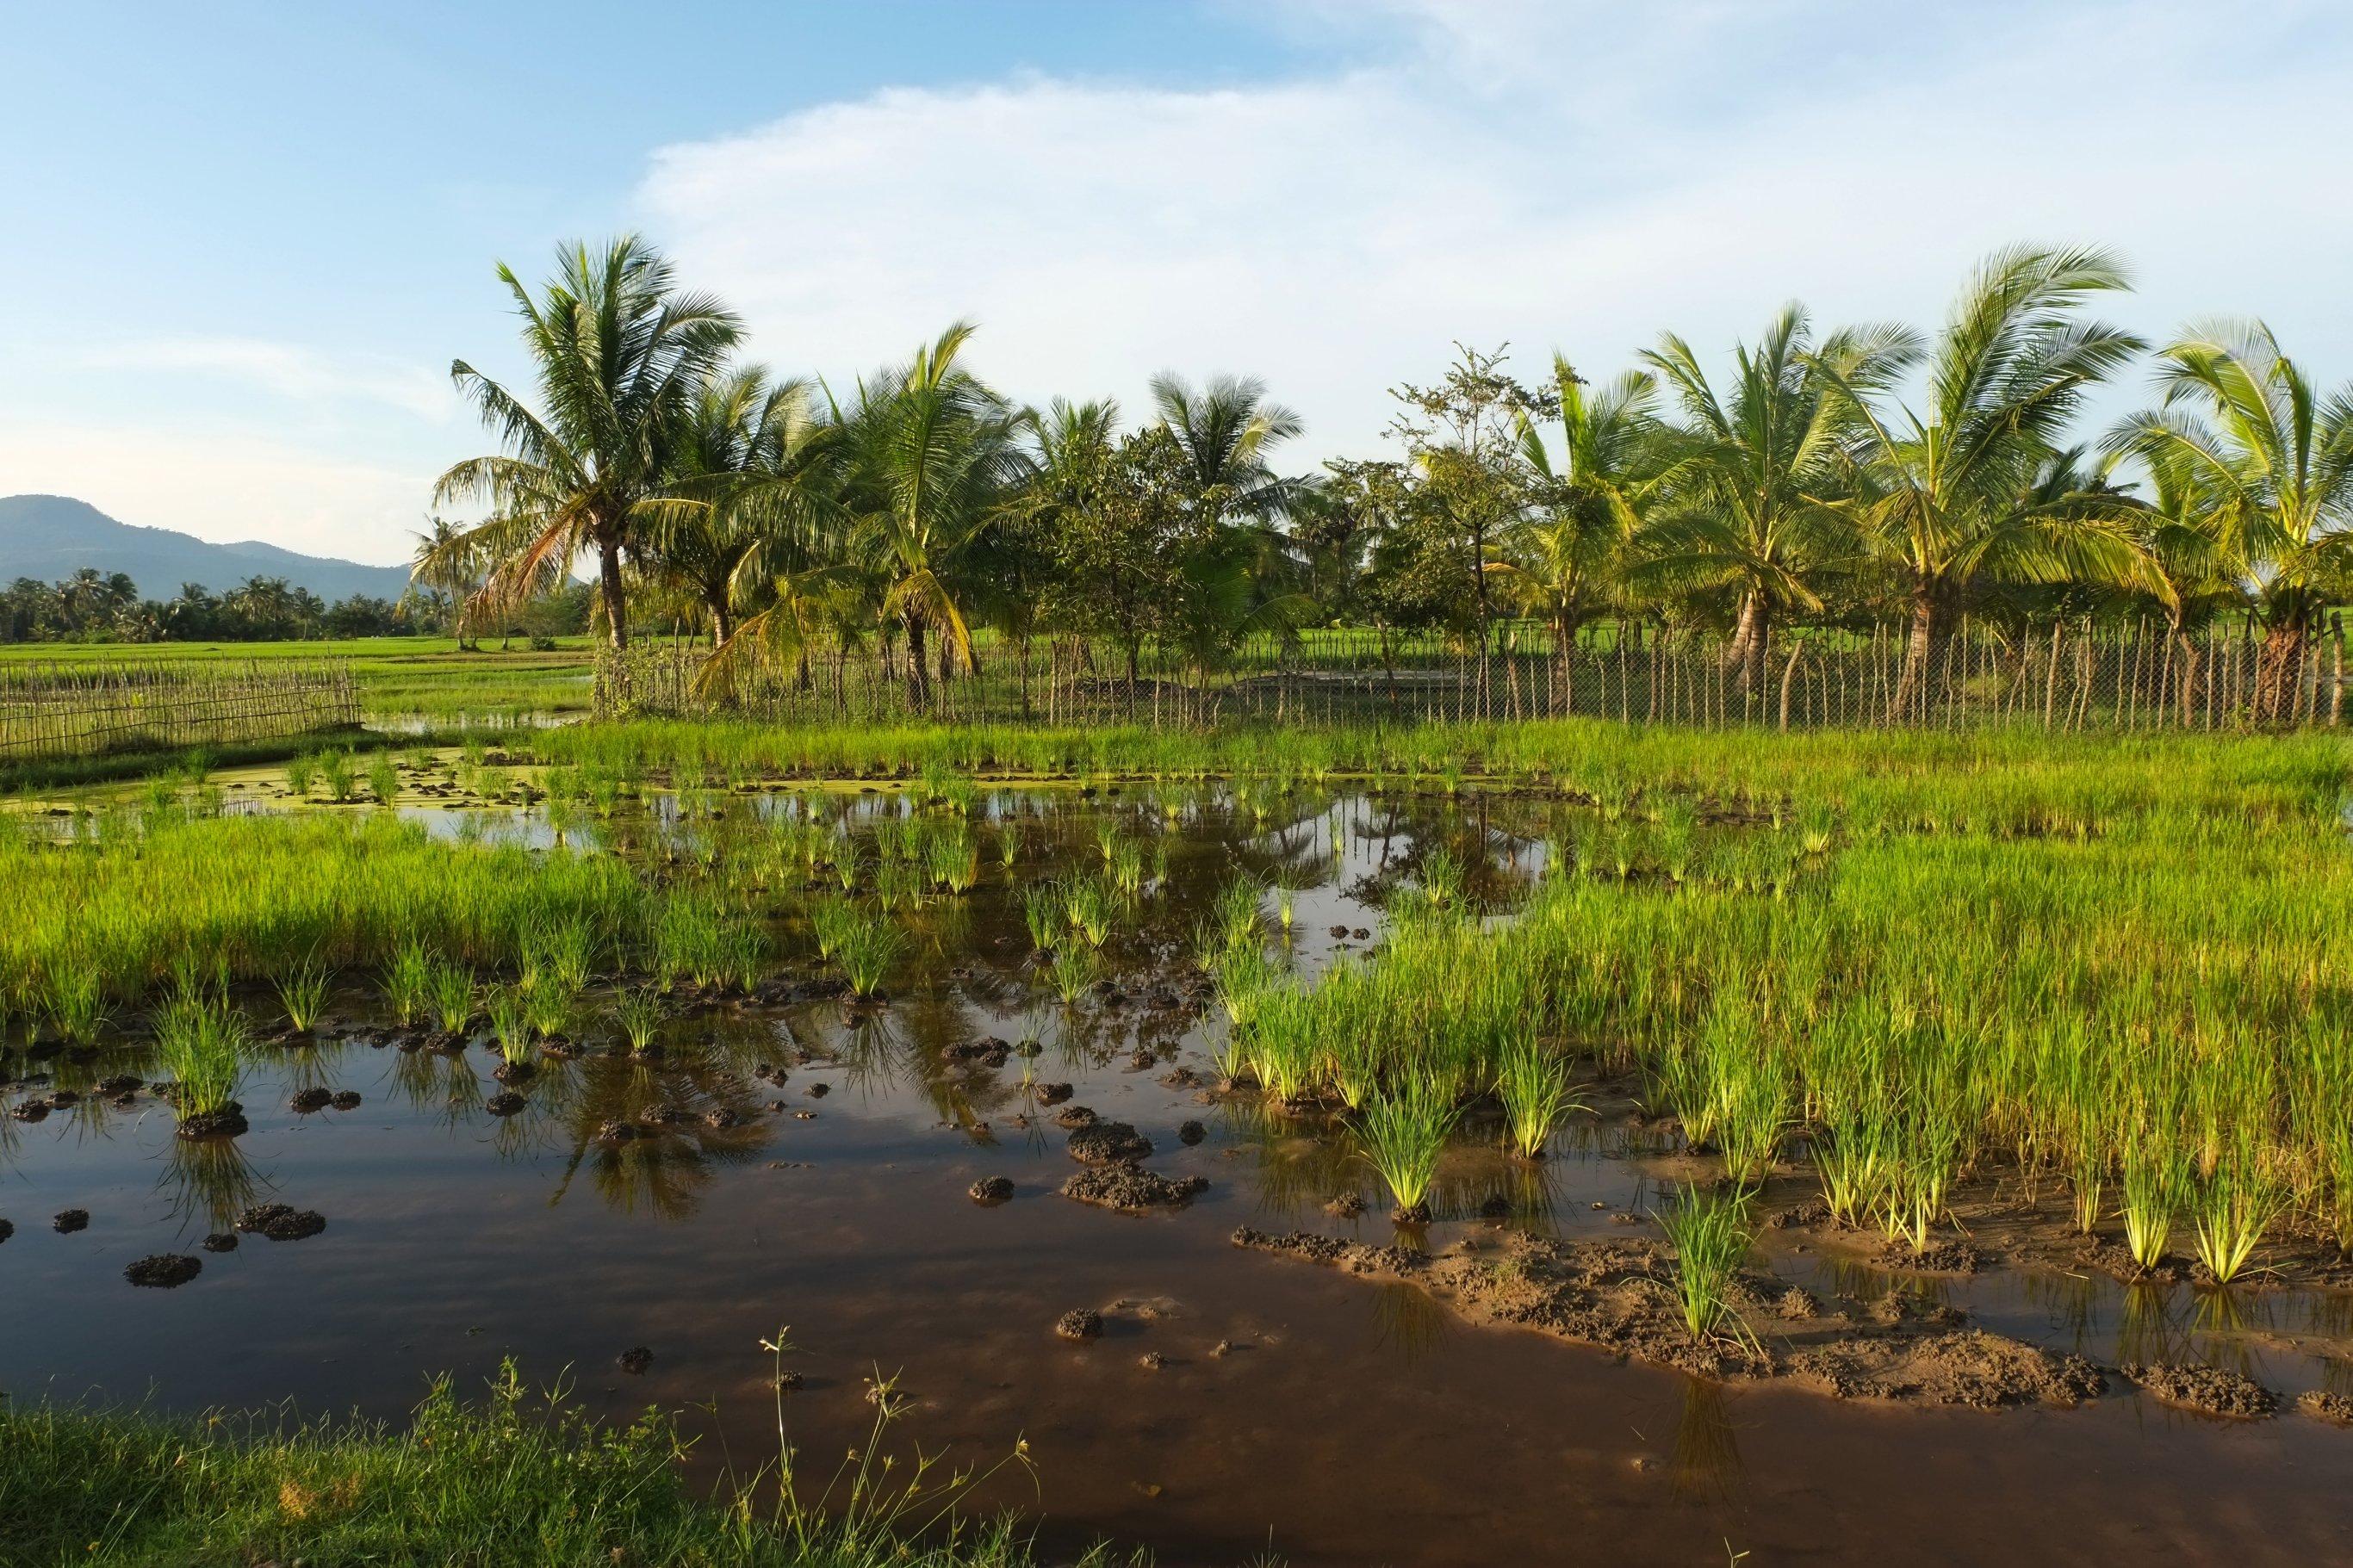 4-Day Explore Kampot - Cambodia Itinerary